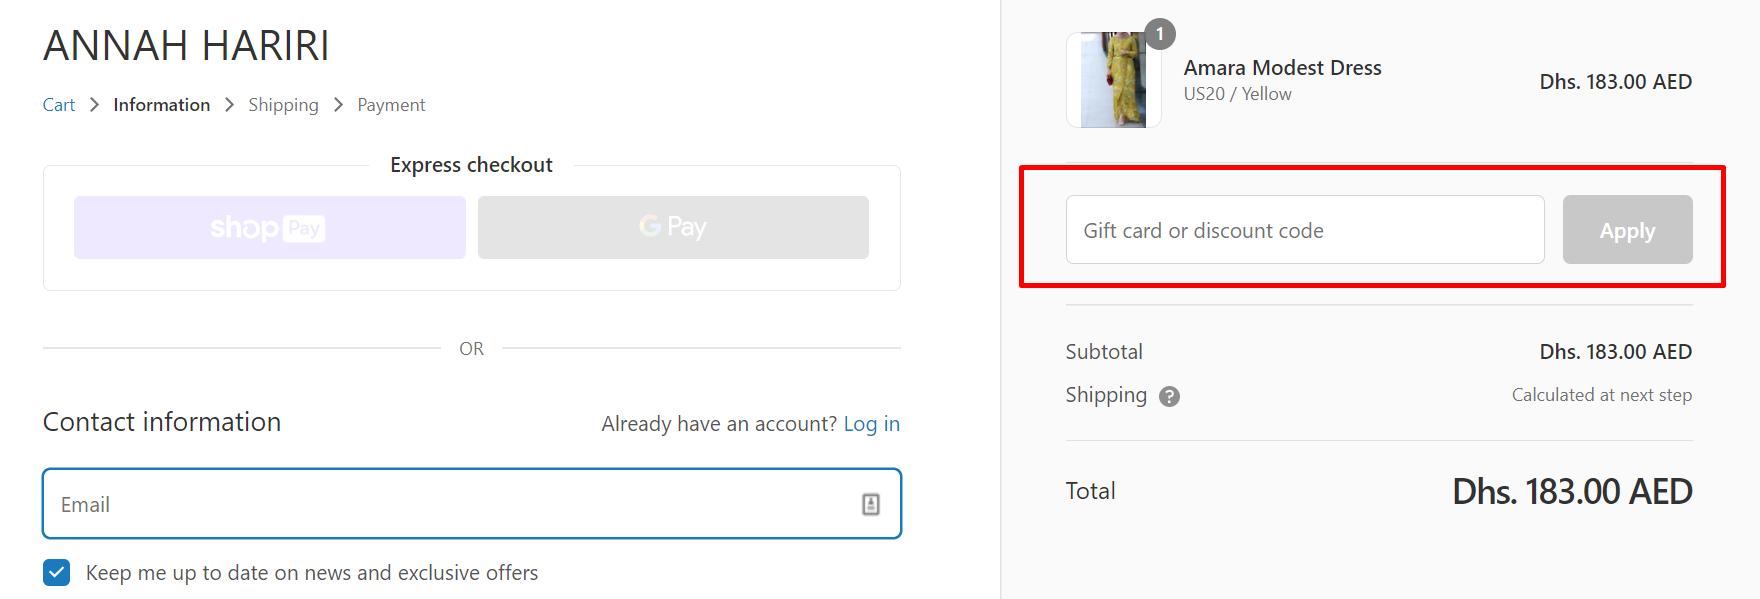 How do I use my Annah Hariri discount code?